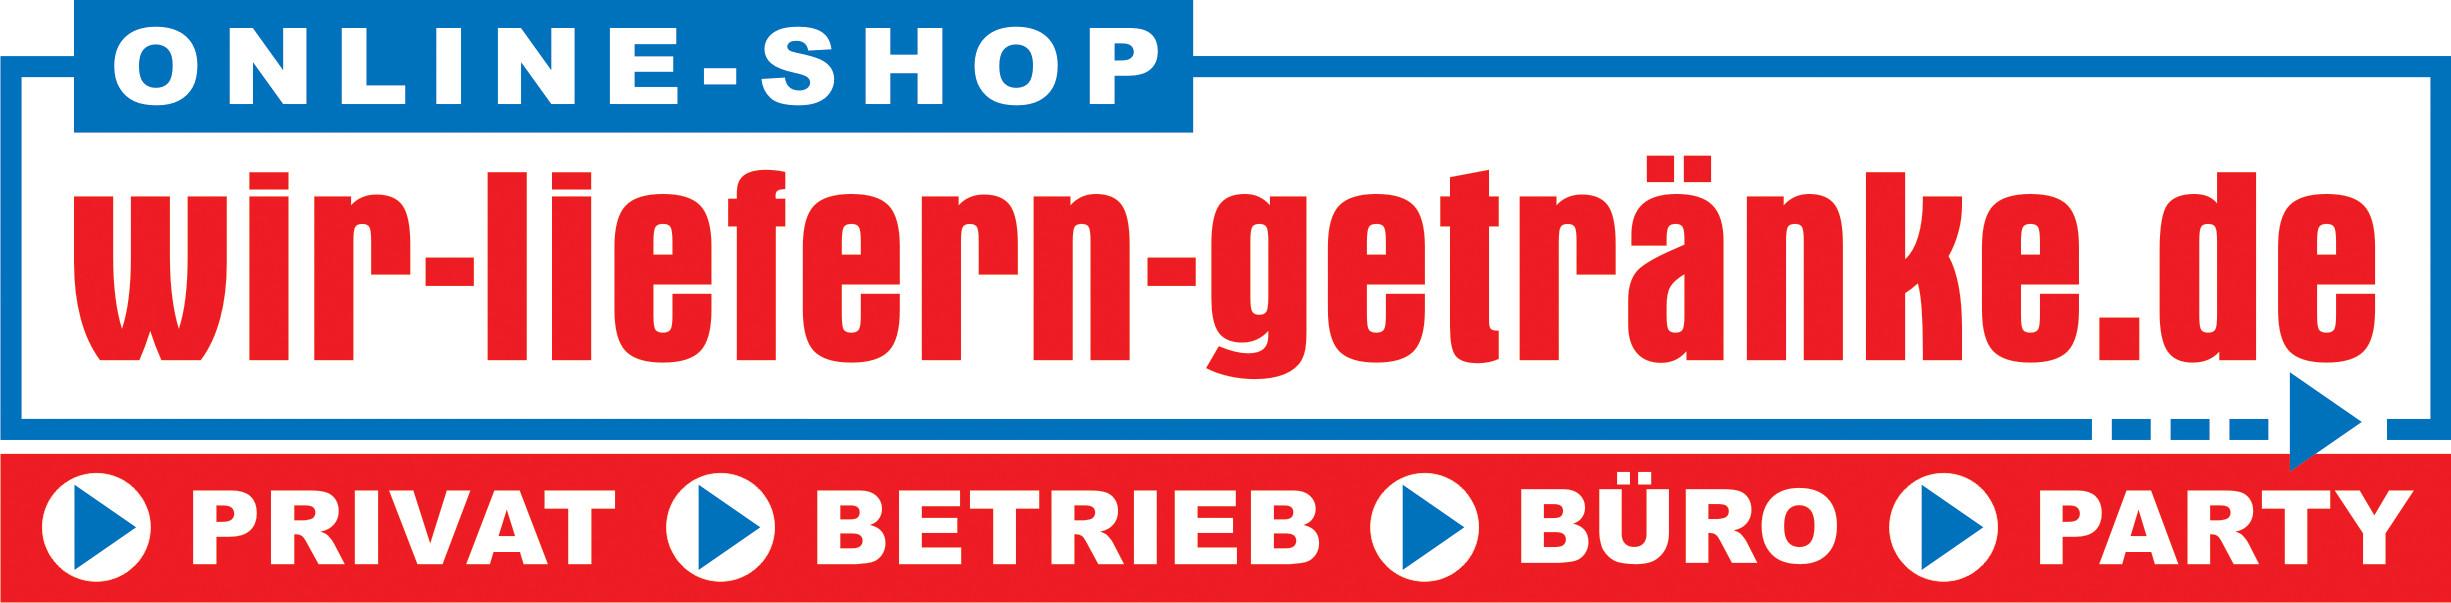 Getränke Liefern Berlin  Shop Startseite Standard